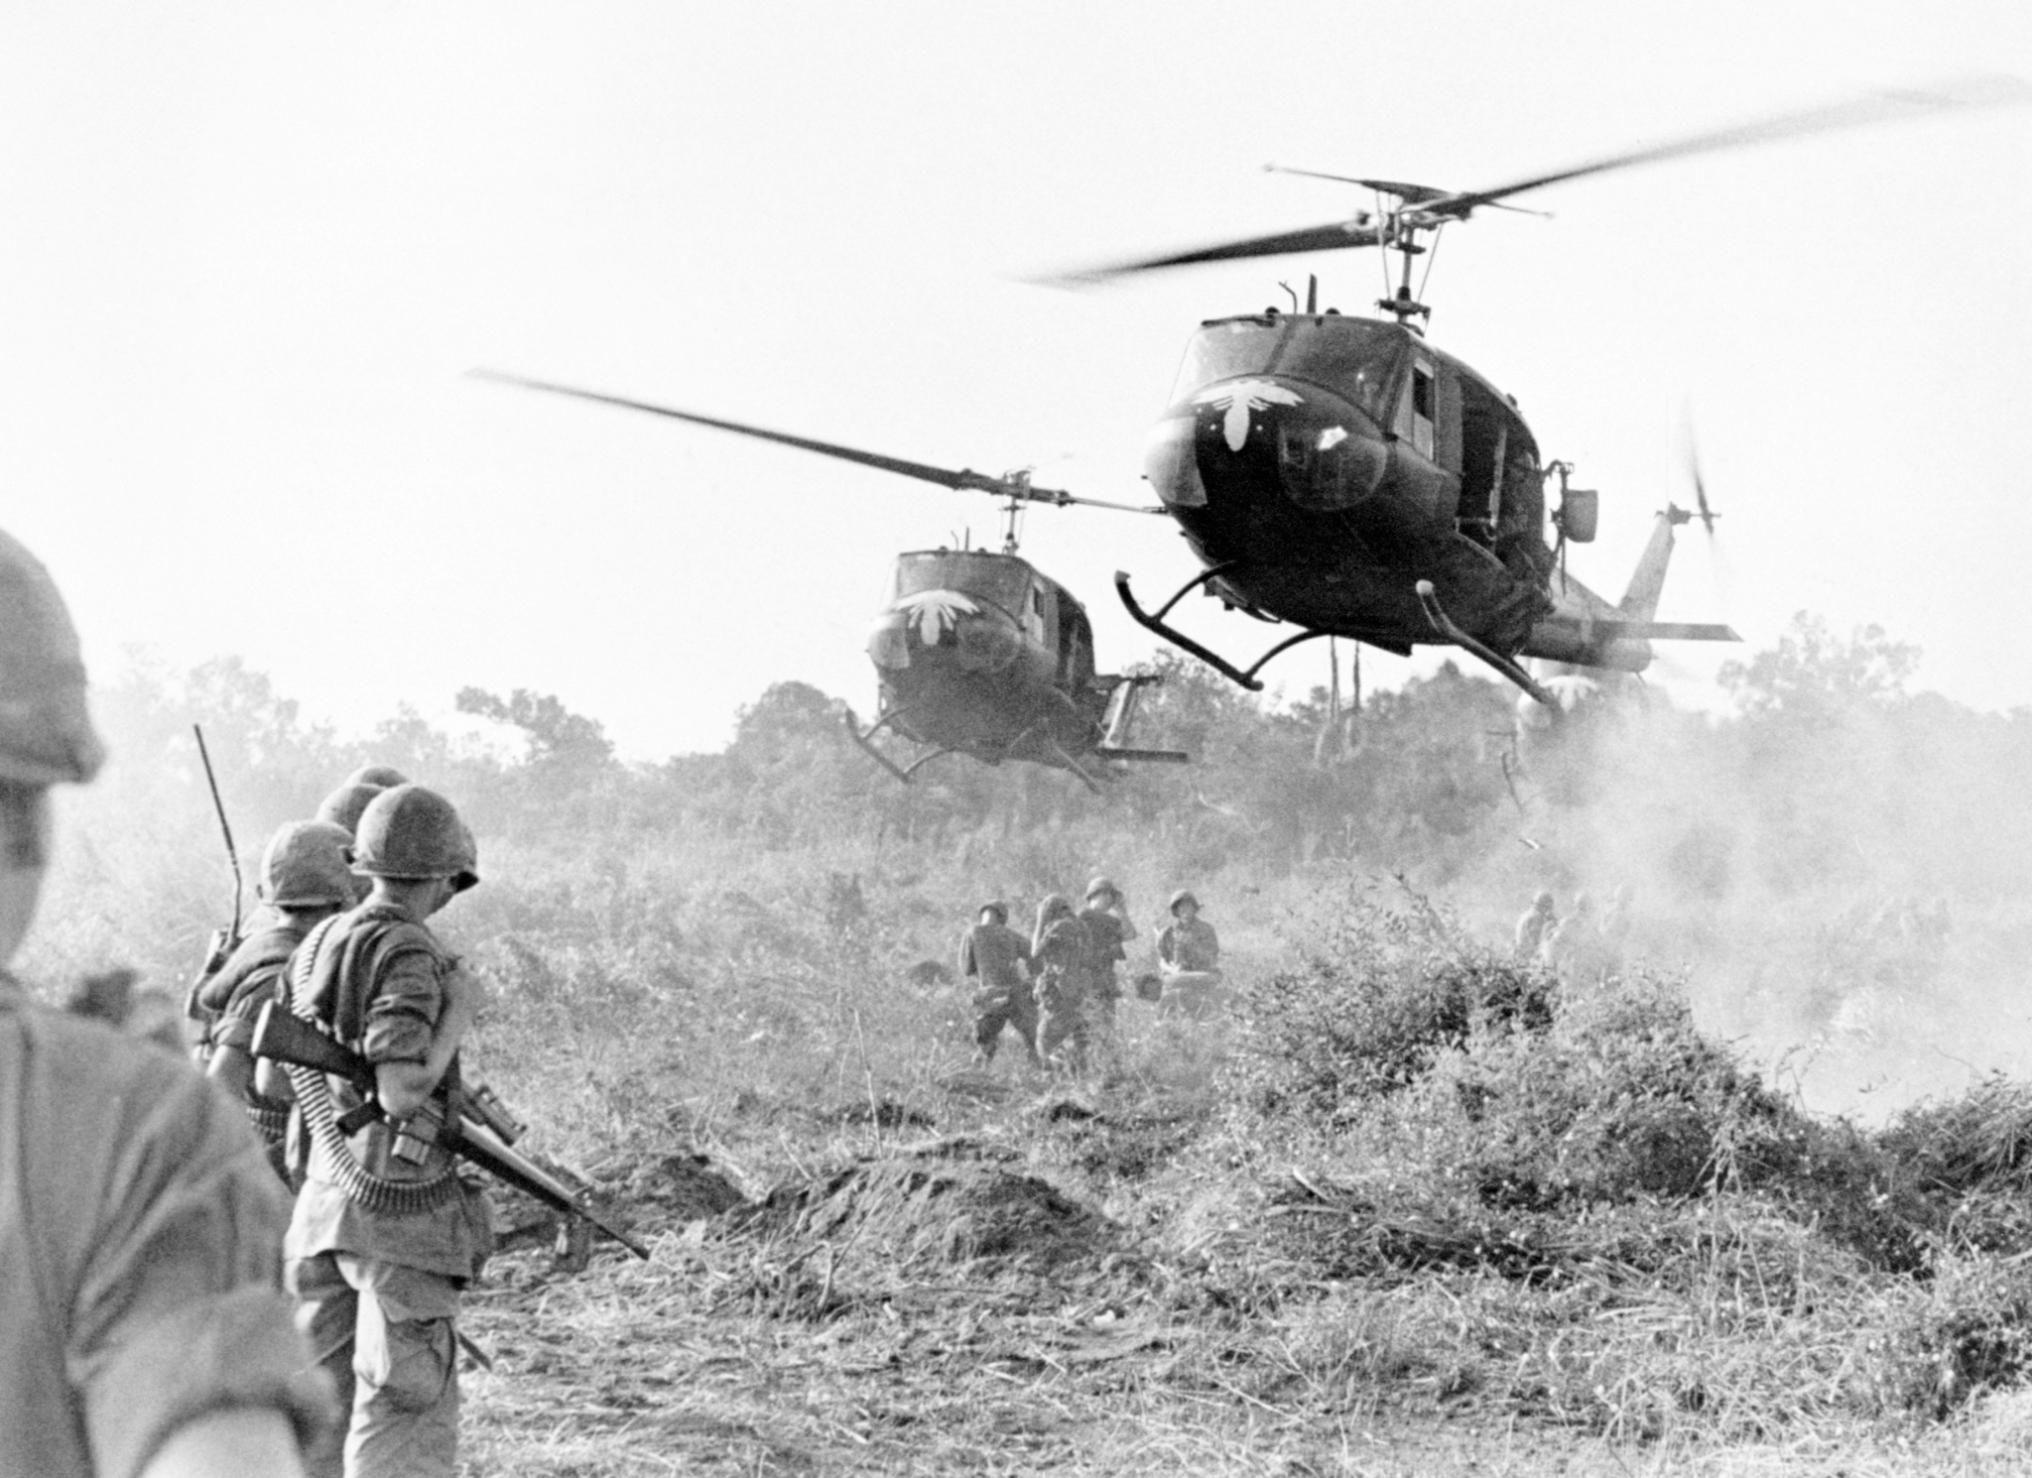 1975 in the Vietnam War